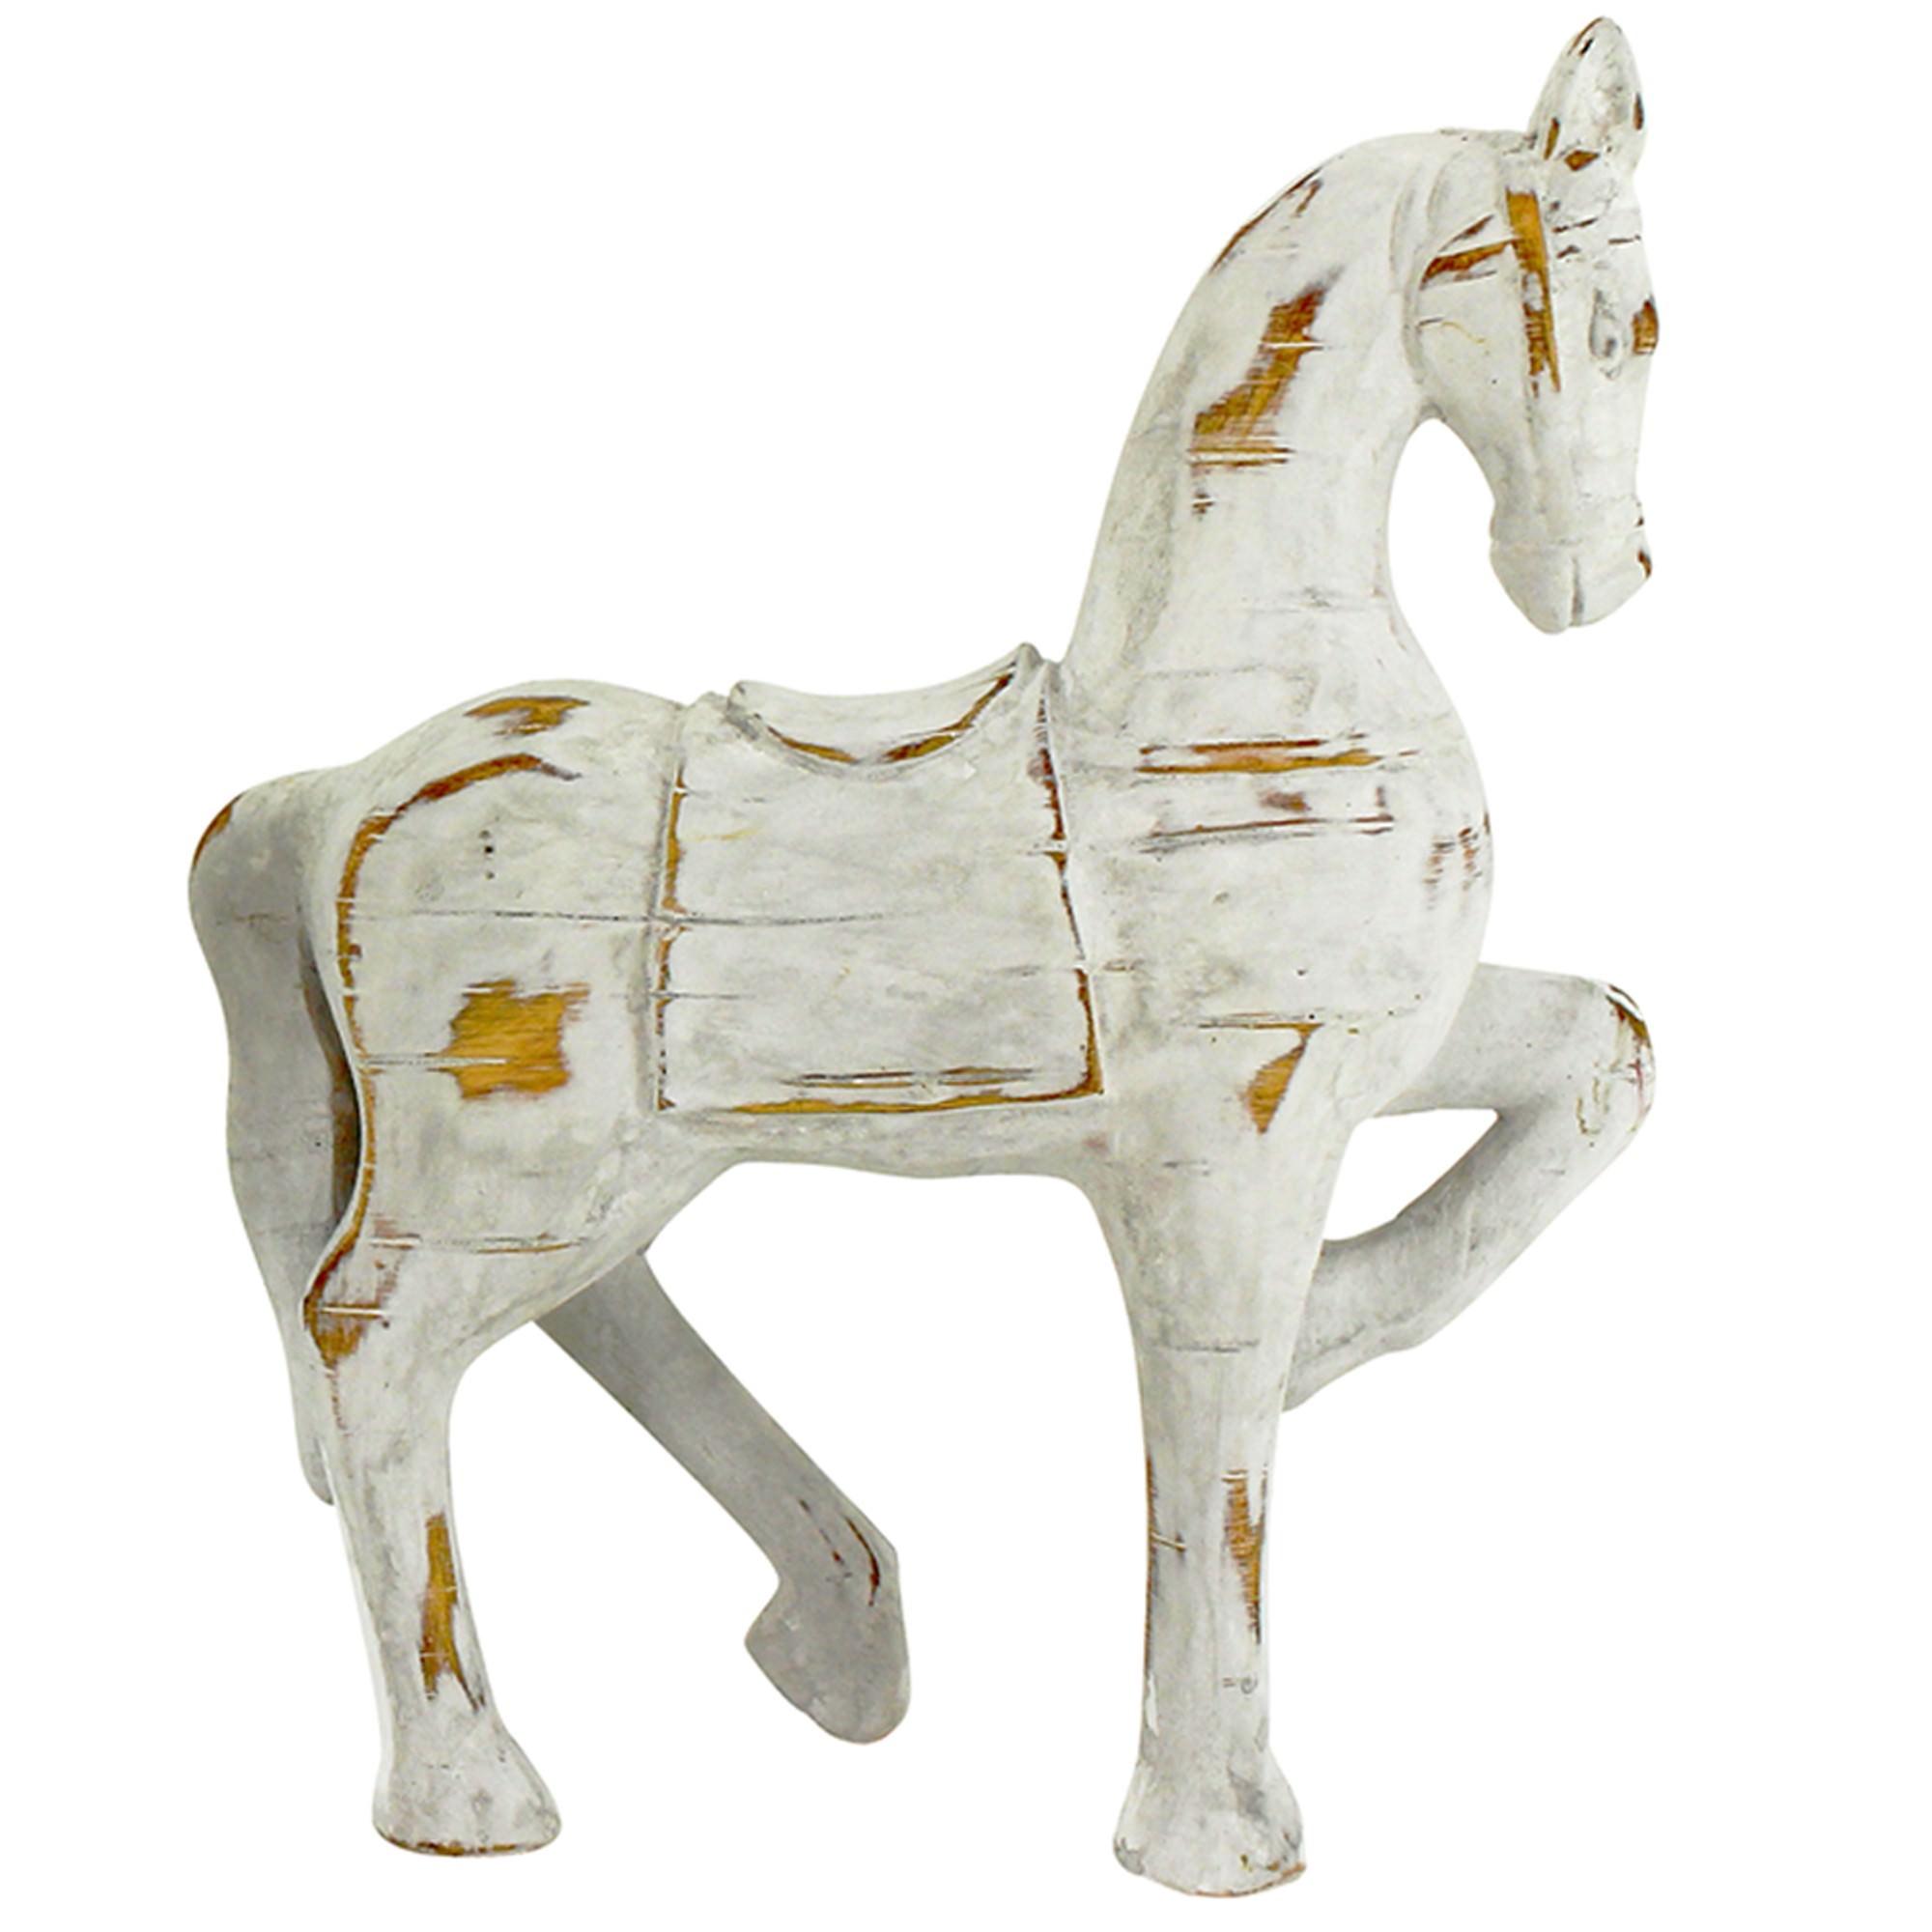 Mustafa Ceramic Horse Sculpture Small